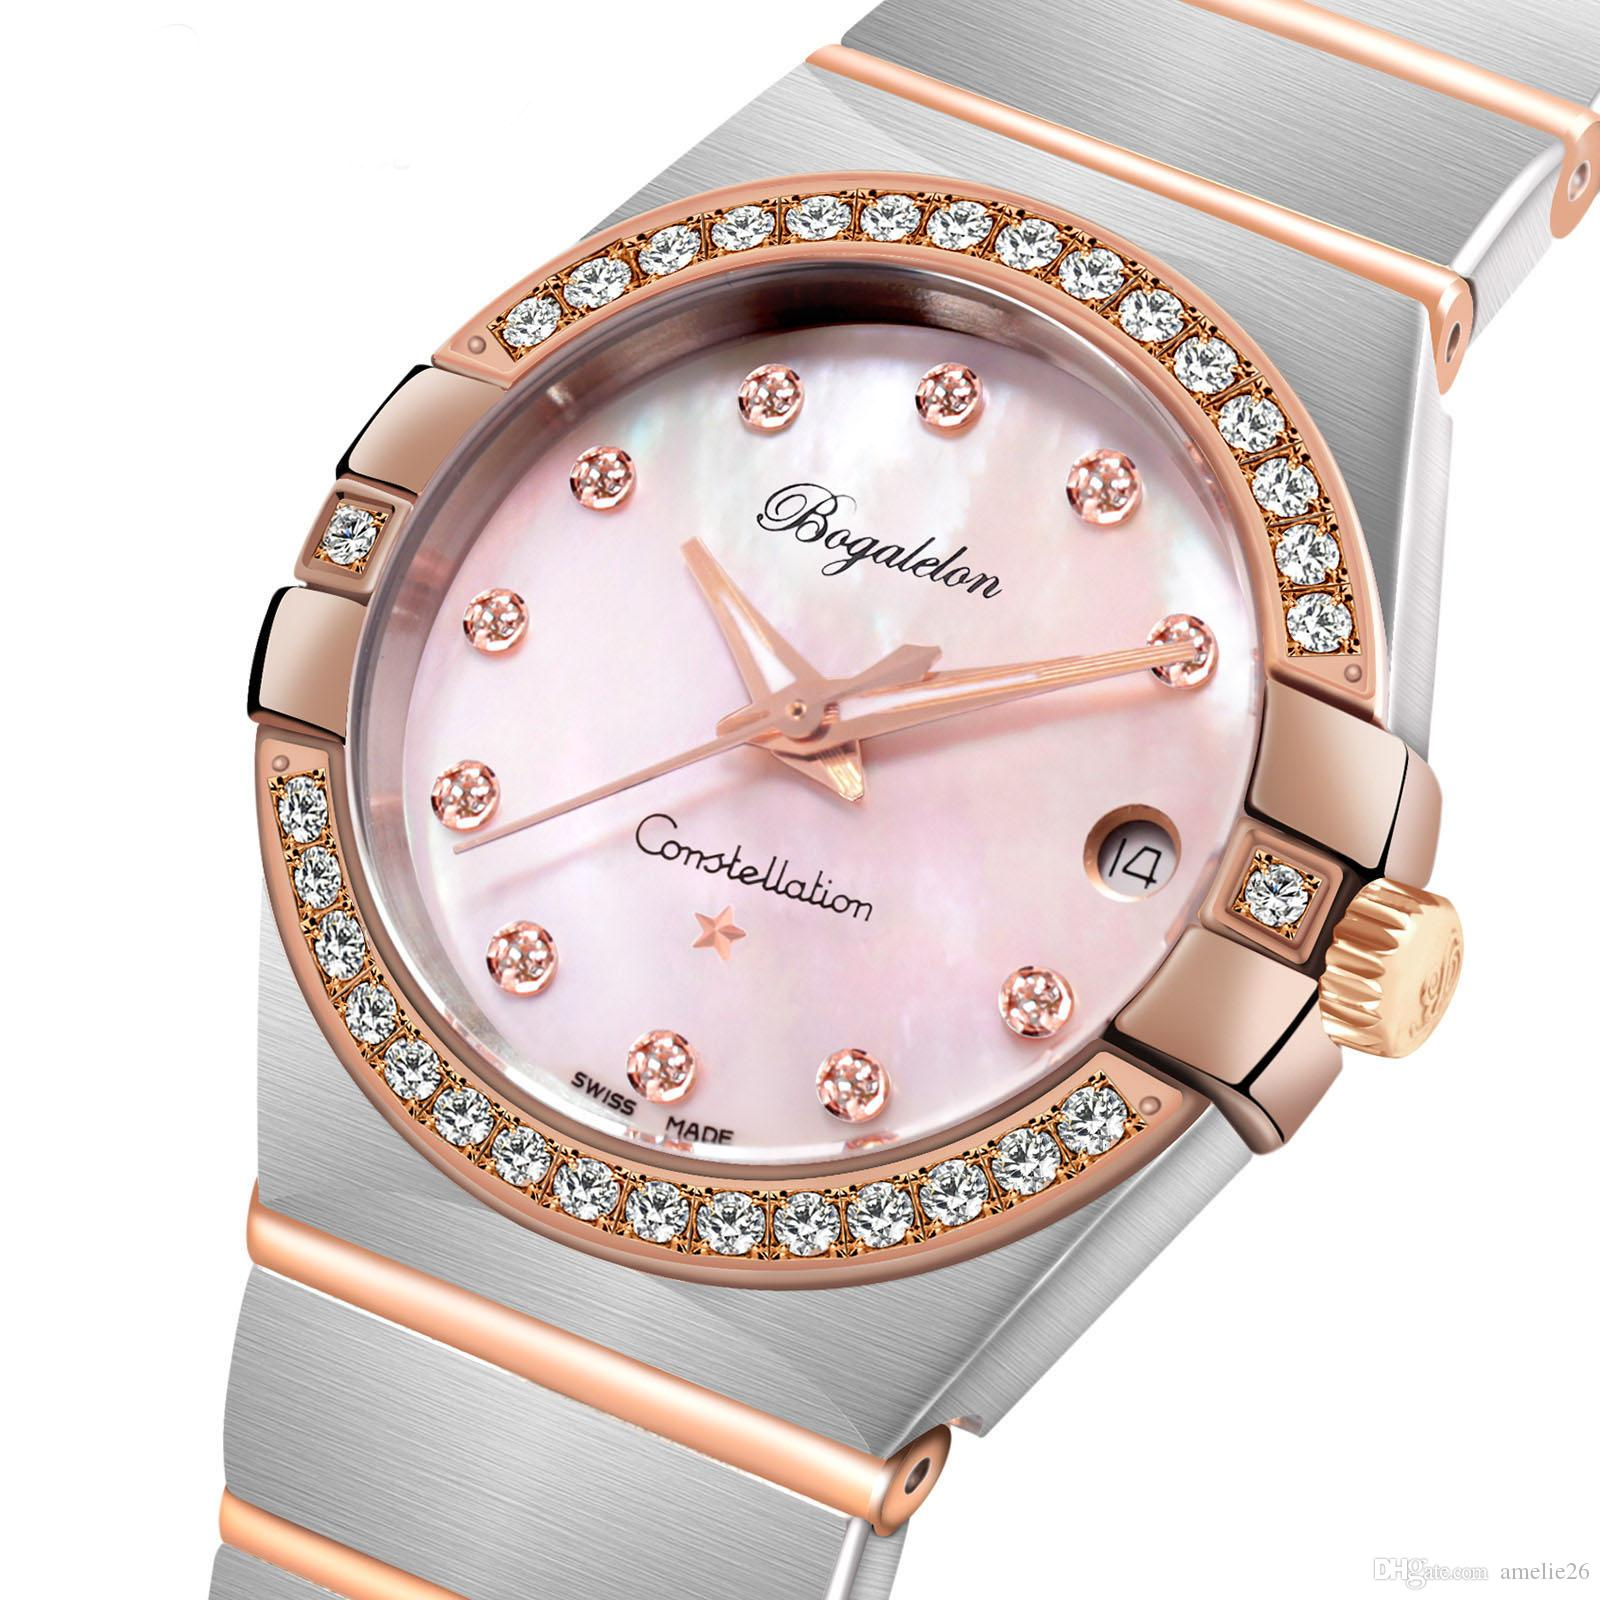 437a6ec1d36d Women Gold Watch Luxury Brand Watch Female Reloj De Las Mujeres ...